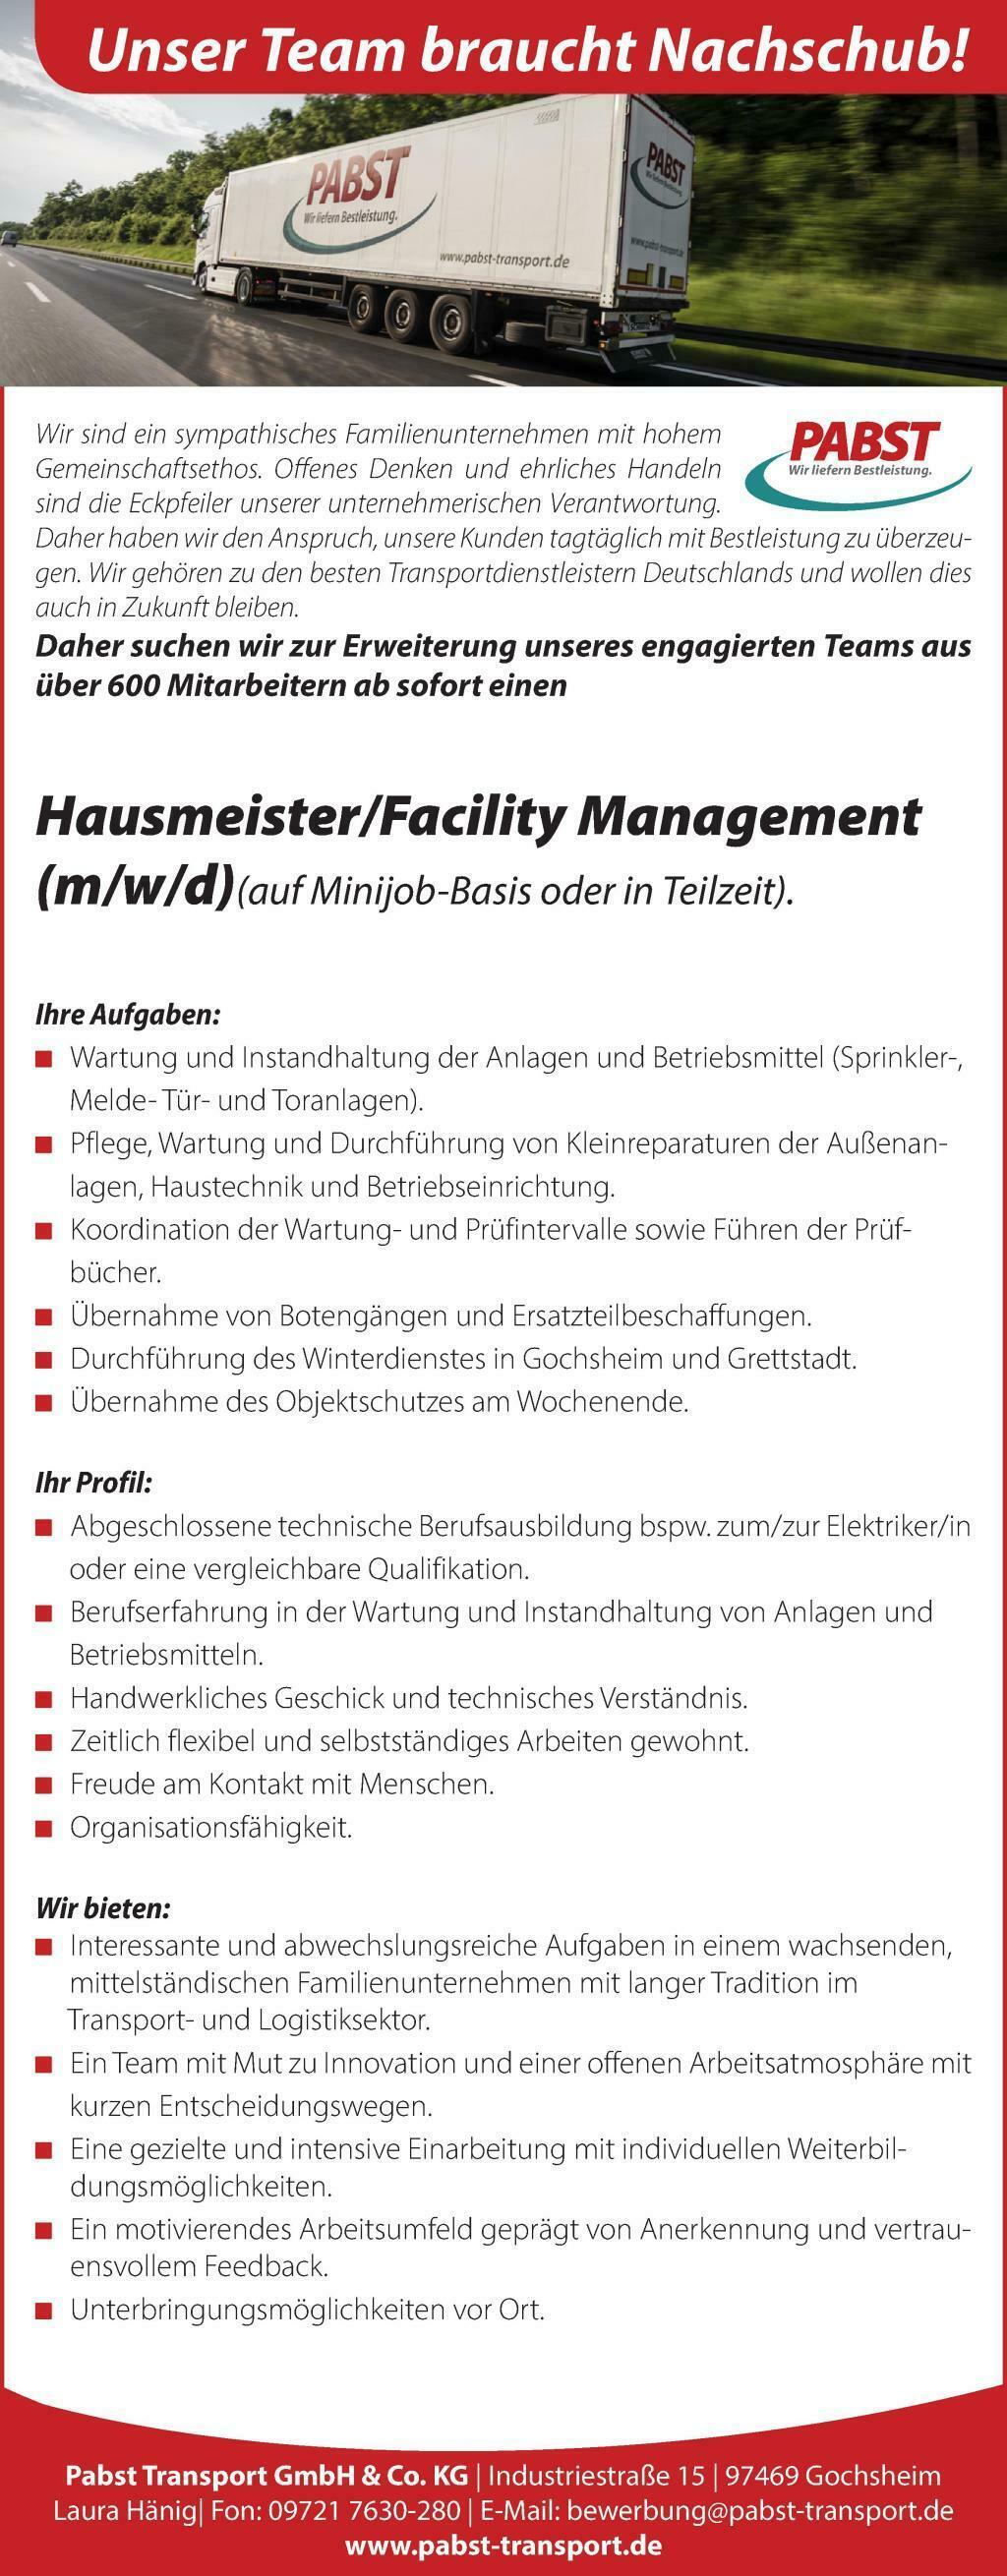 Hausmeister/Facility Management (m/w/d)